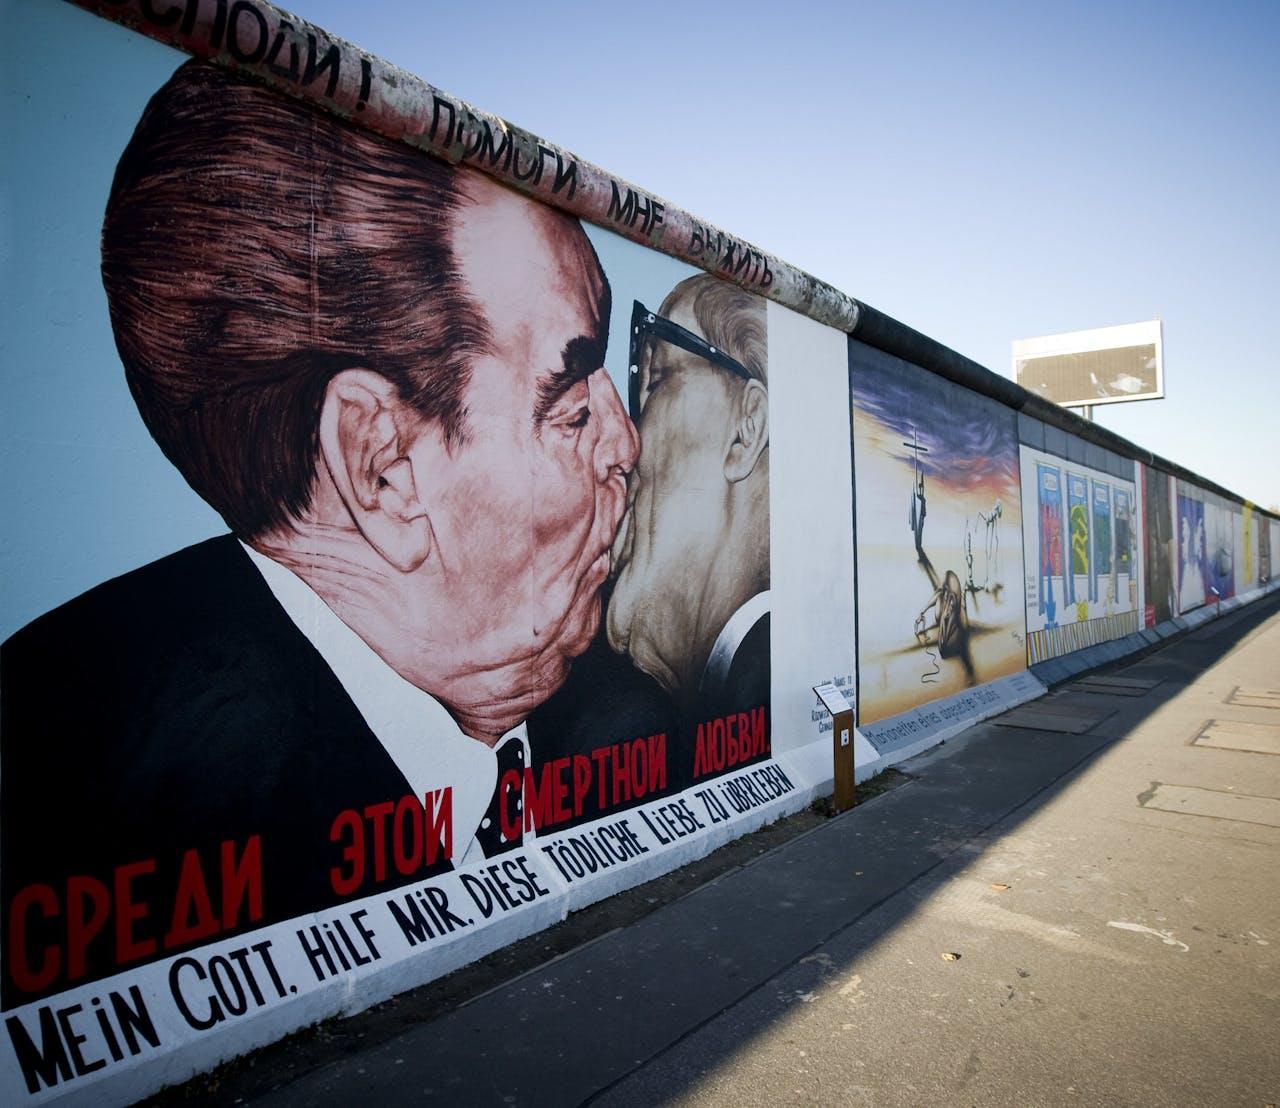 Ondernemen in Berlijn werd een stuk spannender na de val van de muur